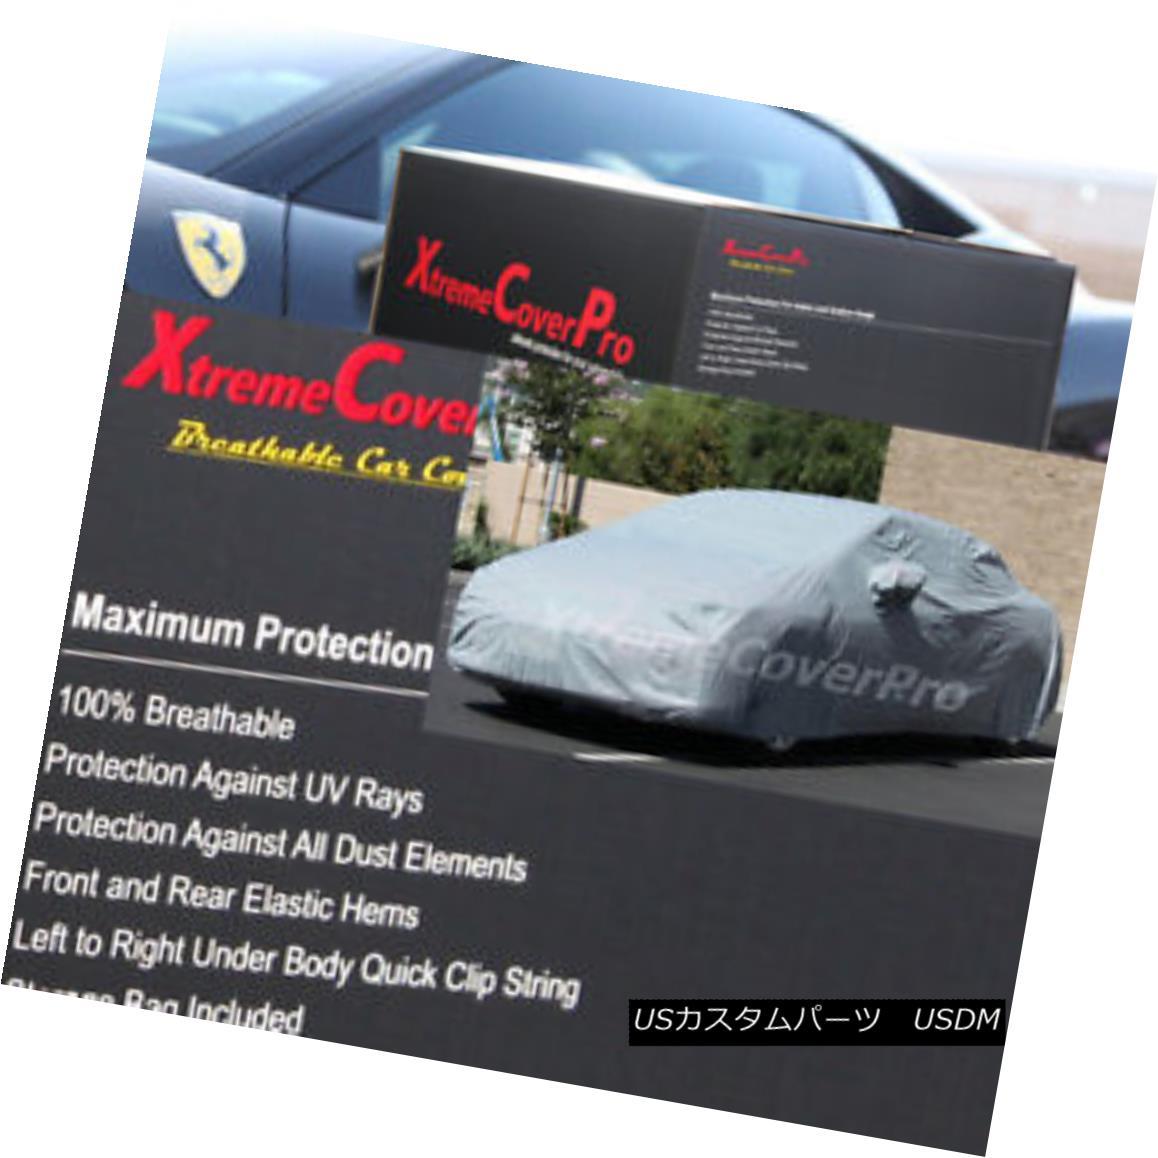 カーカバー 2002 Mitsubishi Evolution w/Spoiler Breathable Car Cover w/MirrorPocket 2002年三菱エボリューションw / Spoiler通気性カーカバーw / MirrorPocket